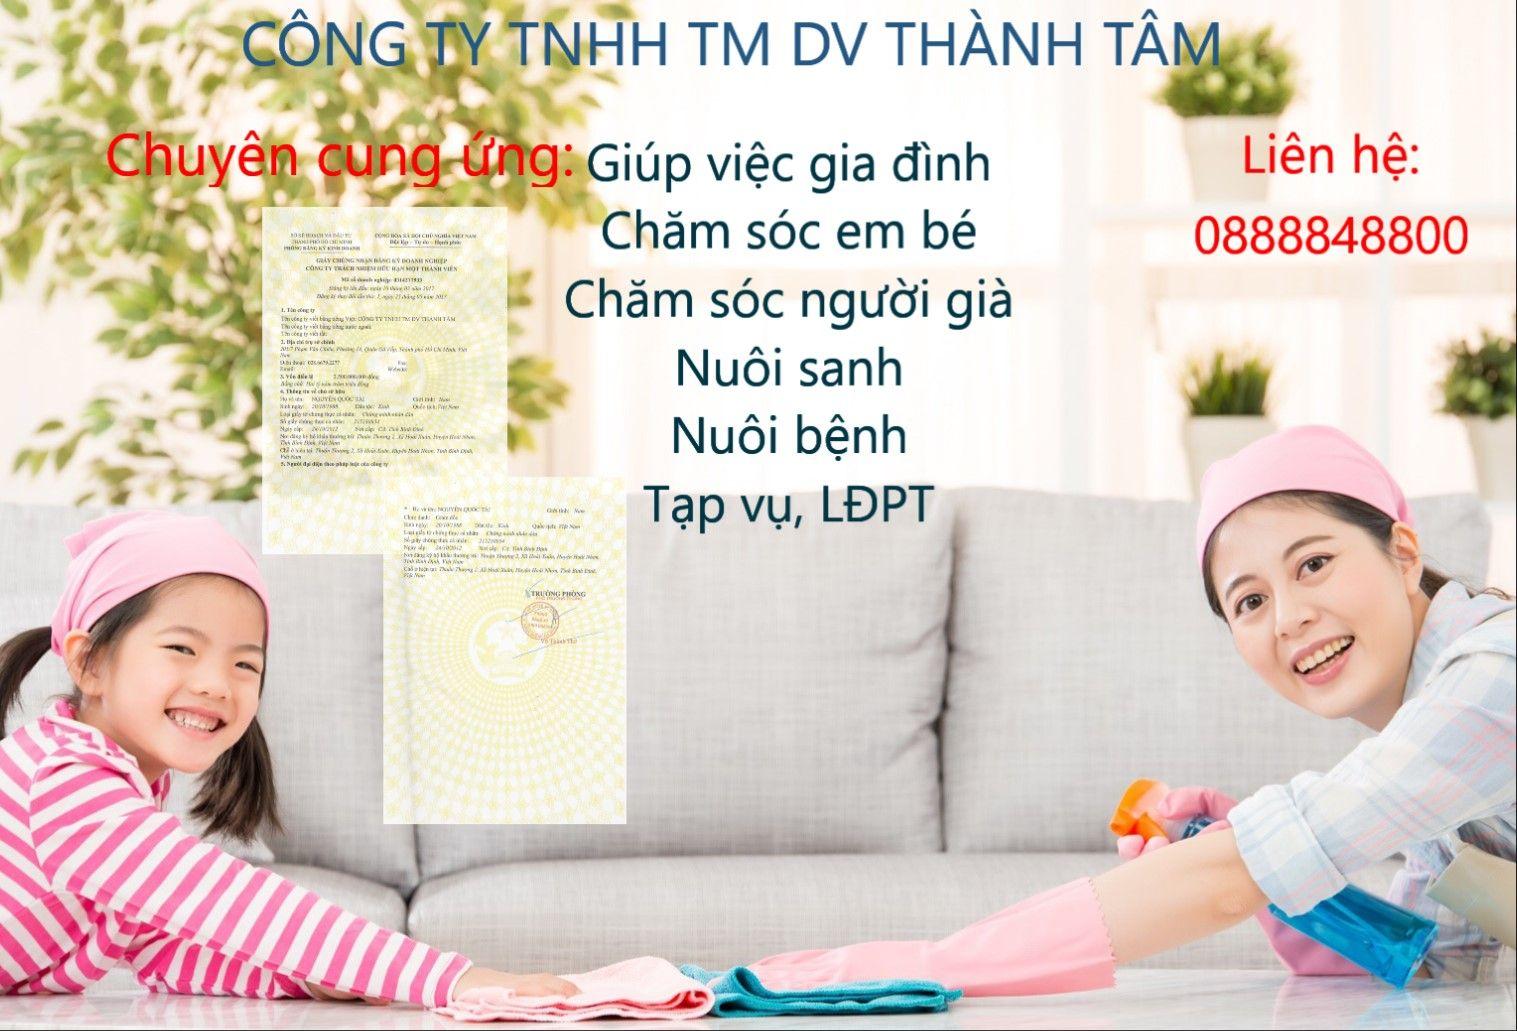 Thành Tâm cho thuê người giúp việc tại quận Bình Tân